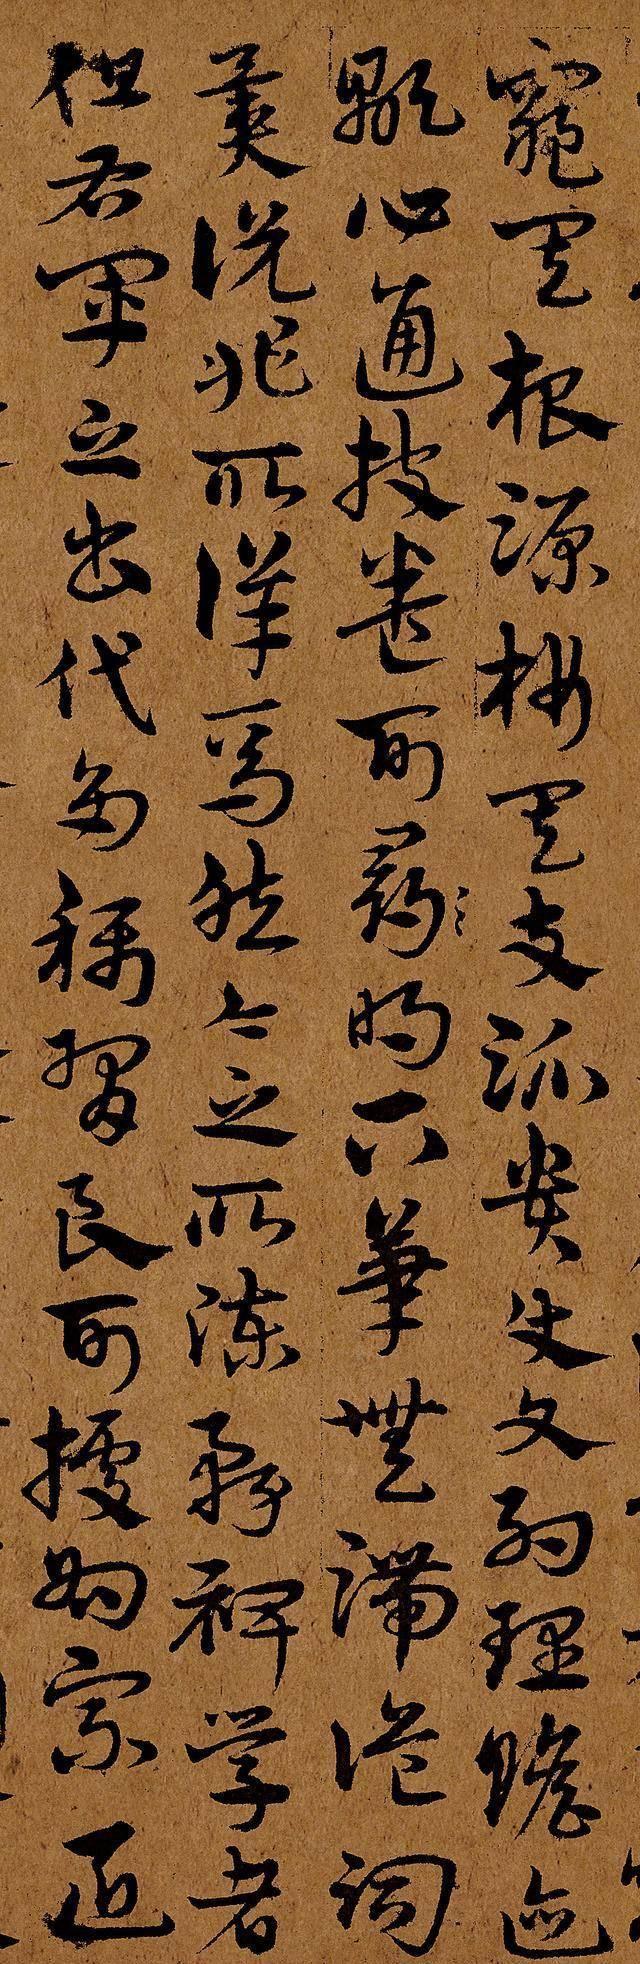 他闭门练字20年,每天能写10刀纸,终成一代草书大师!